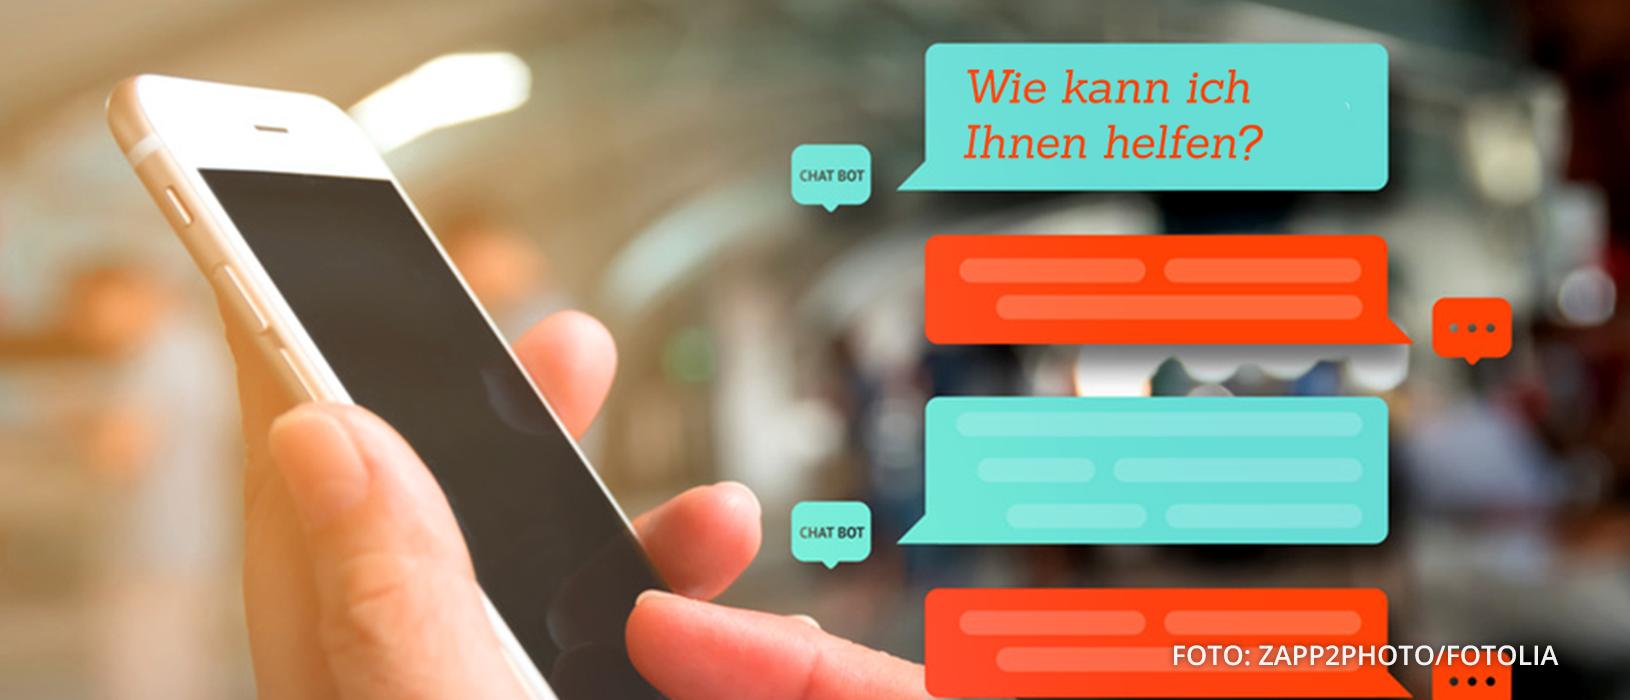 """Die Zahl der virtuellen """"Chatbot""""-Assistenten nimmt weiter kräftig zu. Foto: Zapp2Photo/Fotolia"""